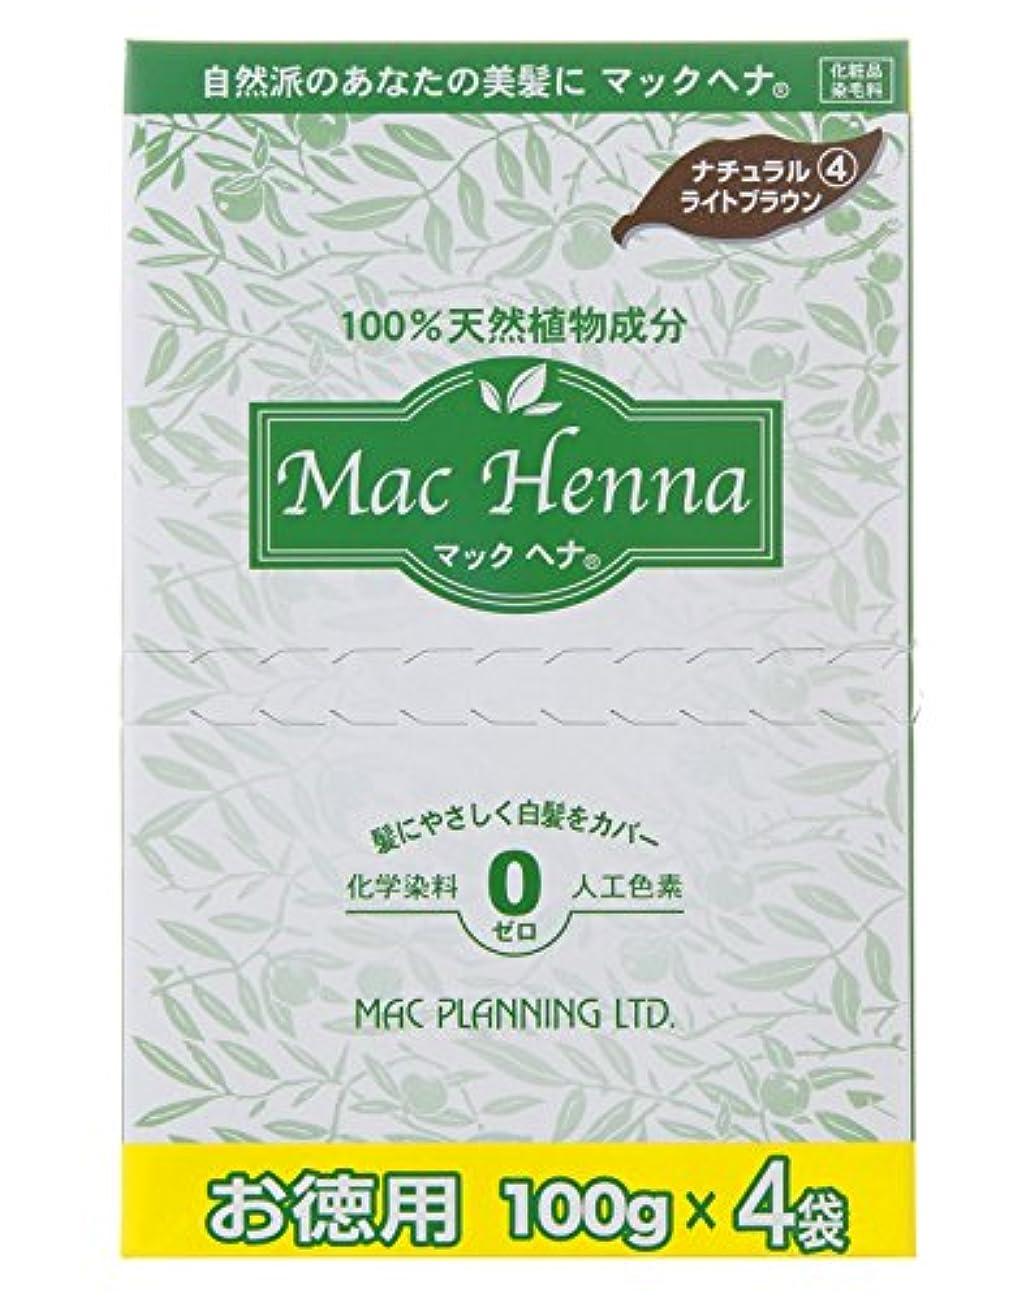 裁量おもしろい拍車マックヘナ お徳用 ナチュラルライトブラウン400g ヘナ白髪用カラー